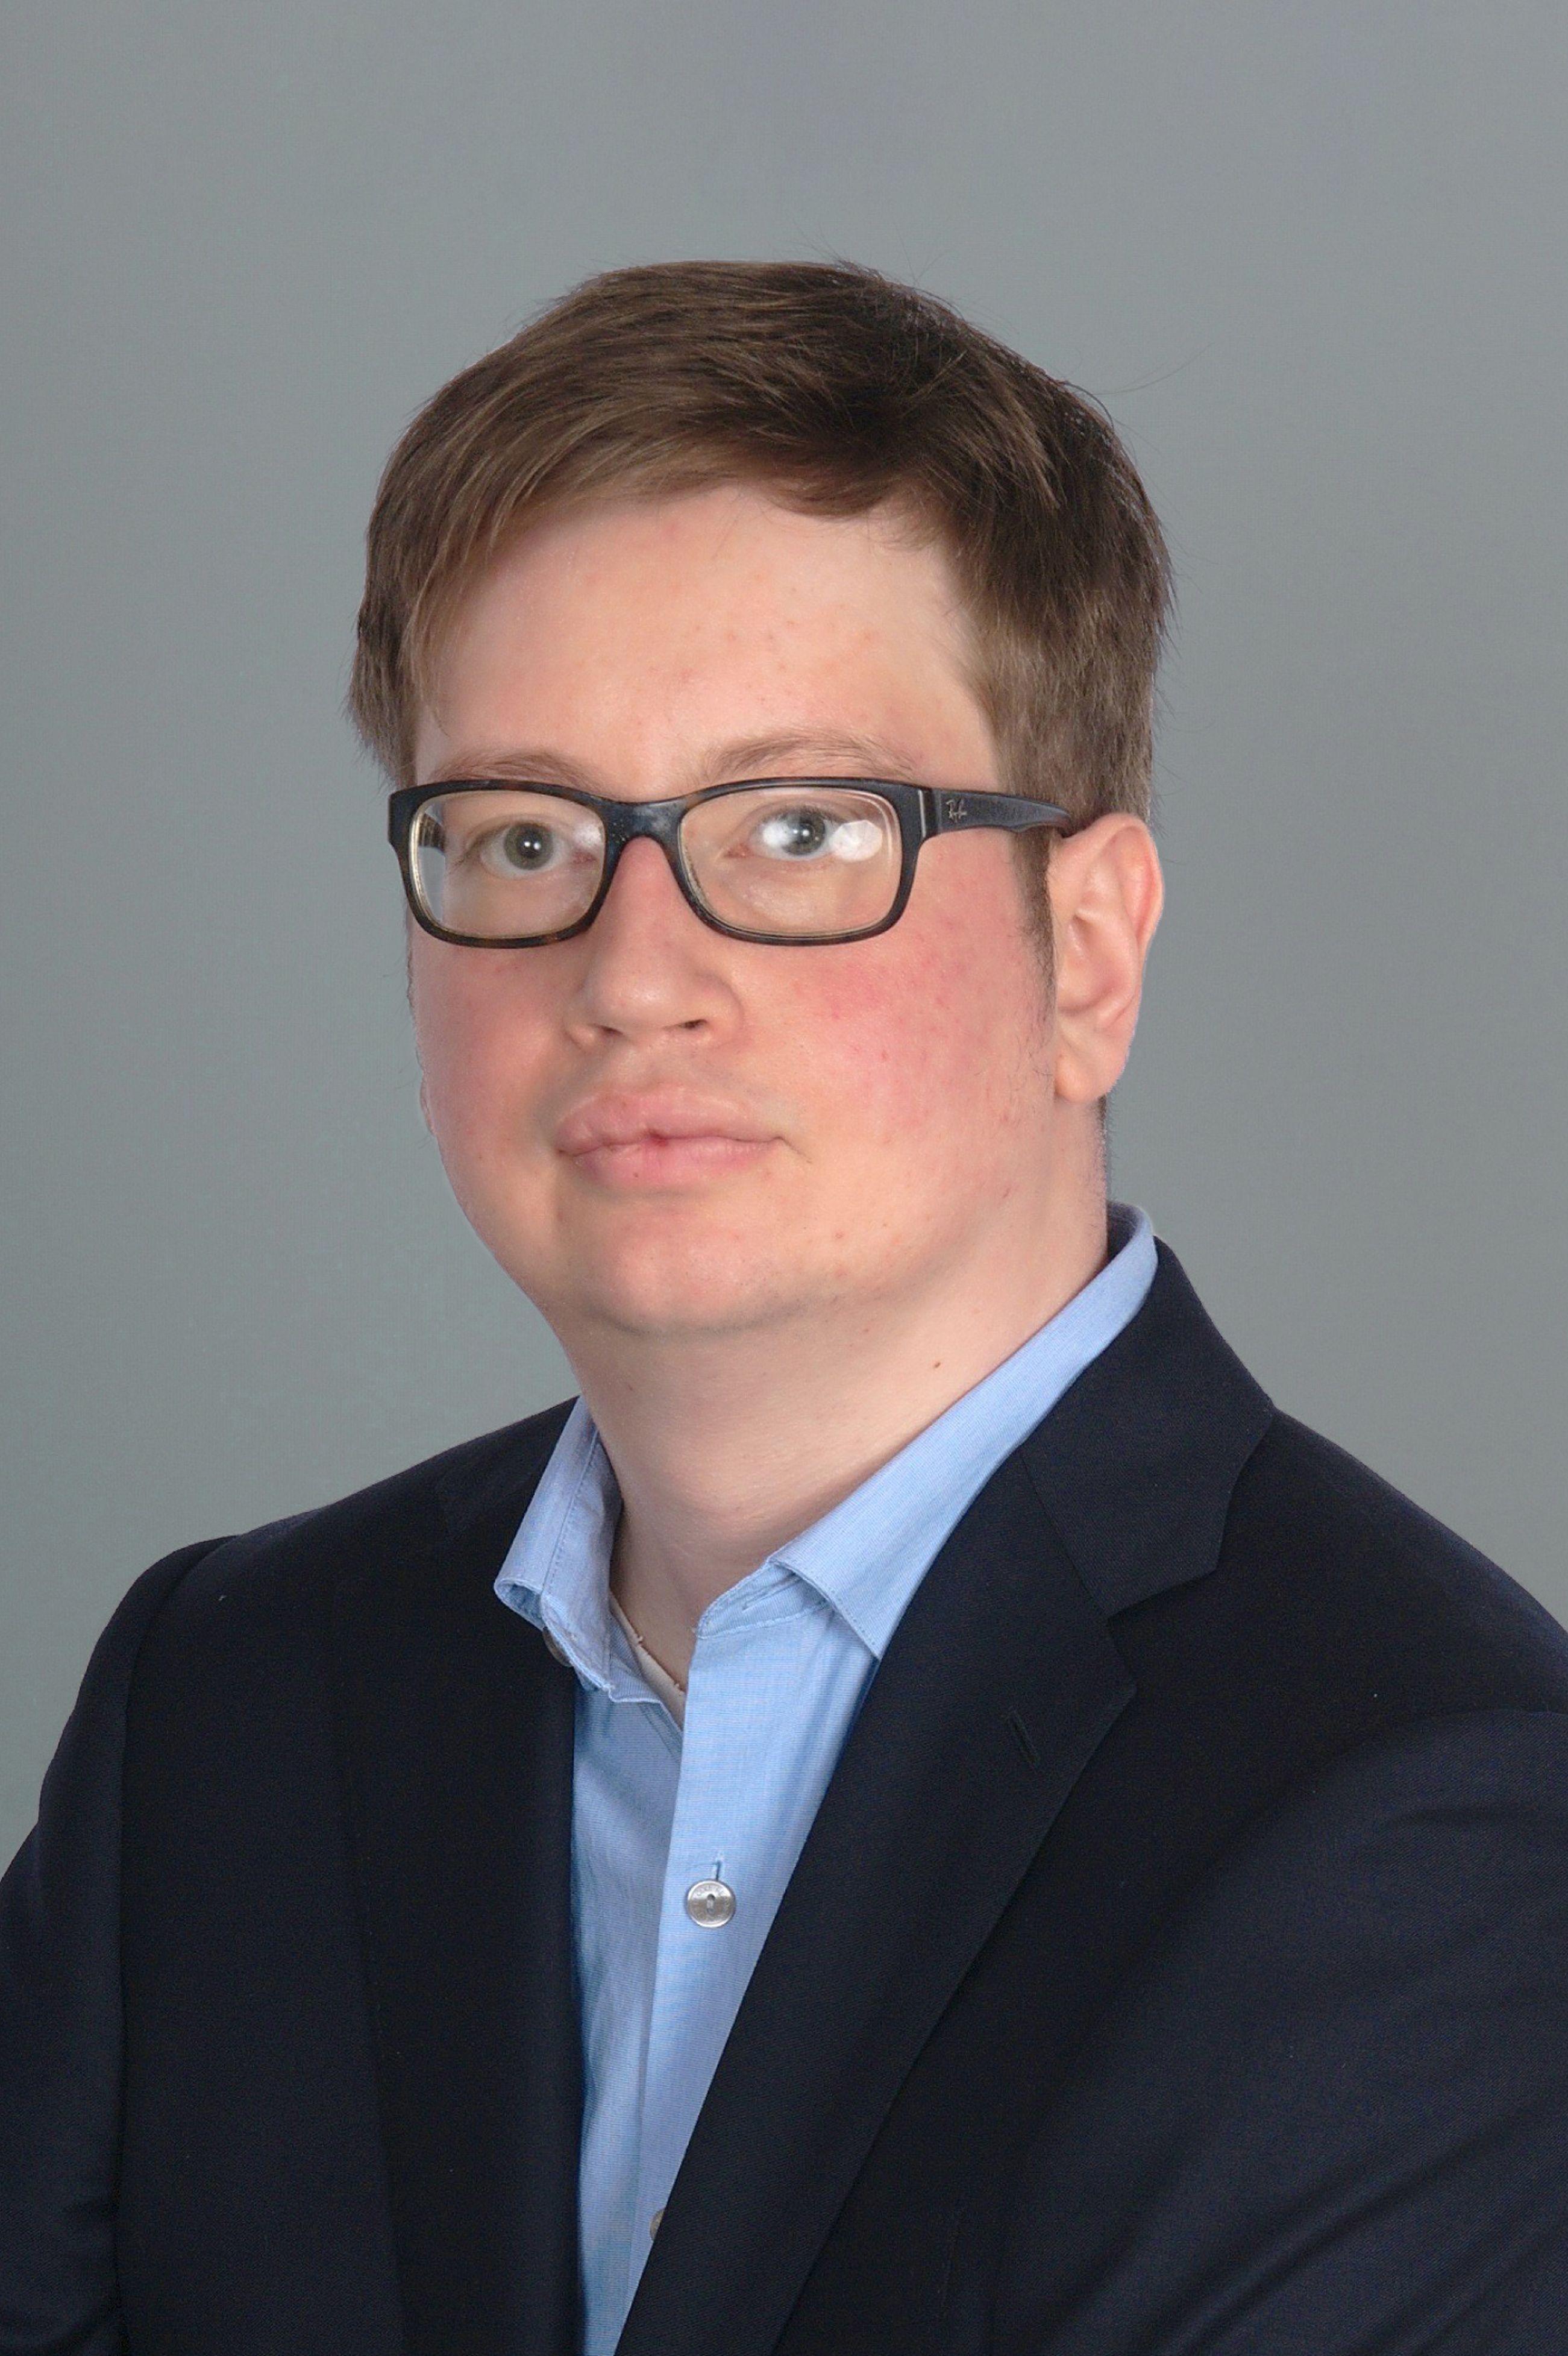 Andrew Kufta